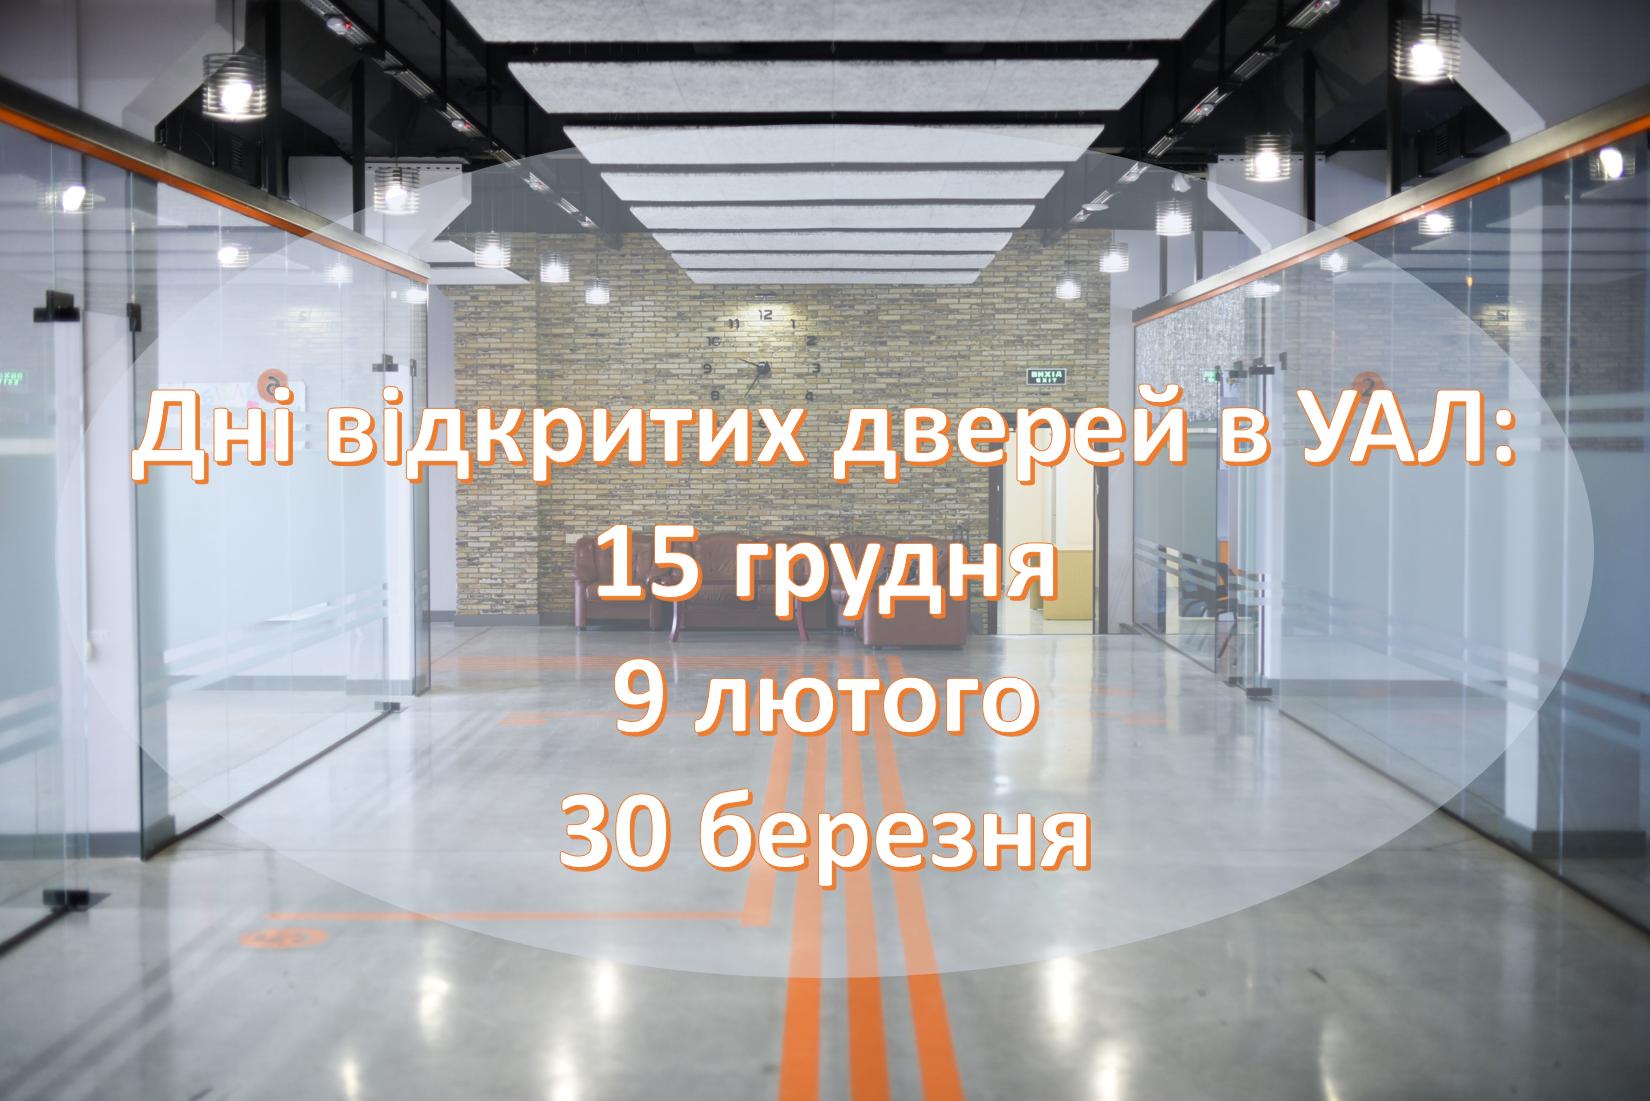 Український аграрний ліцей запрошує на знайомство родини, що планують вступ наступного навчального року!